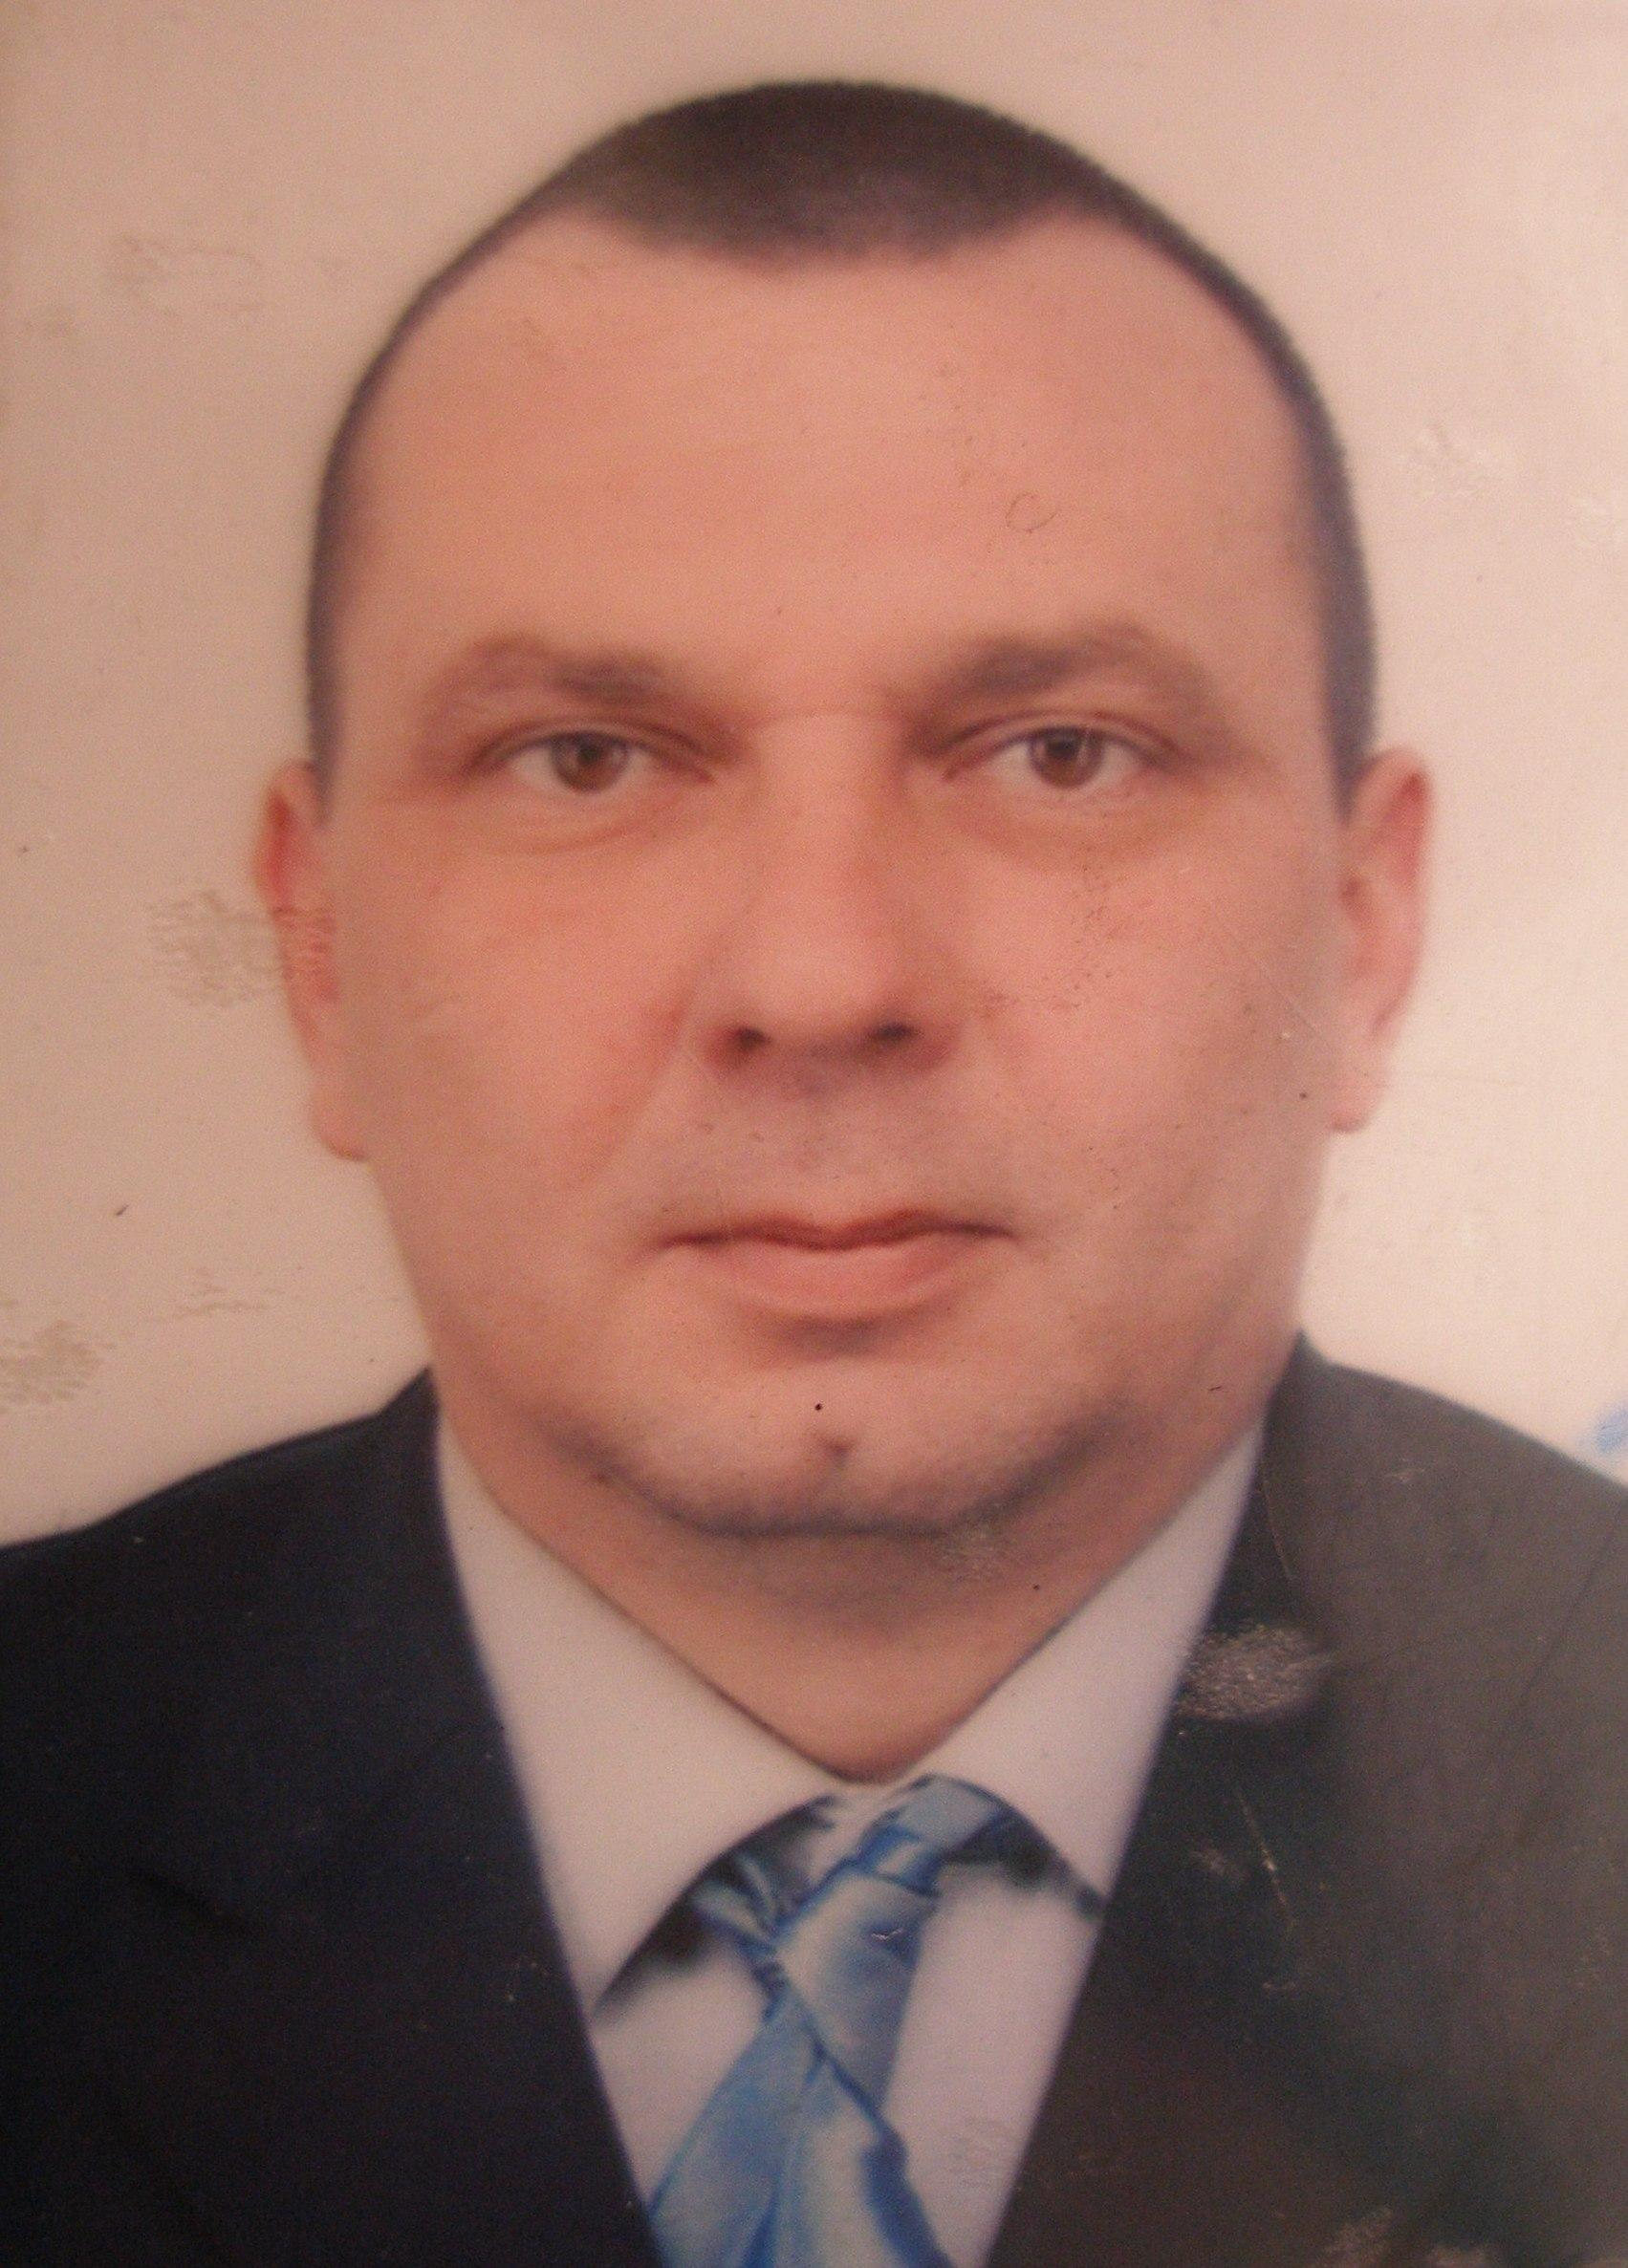 На Львівщині міліція розшукує закарпатця за вчинення тяжкого злочину